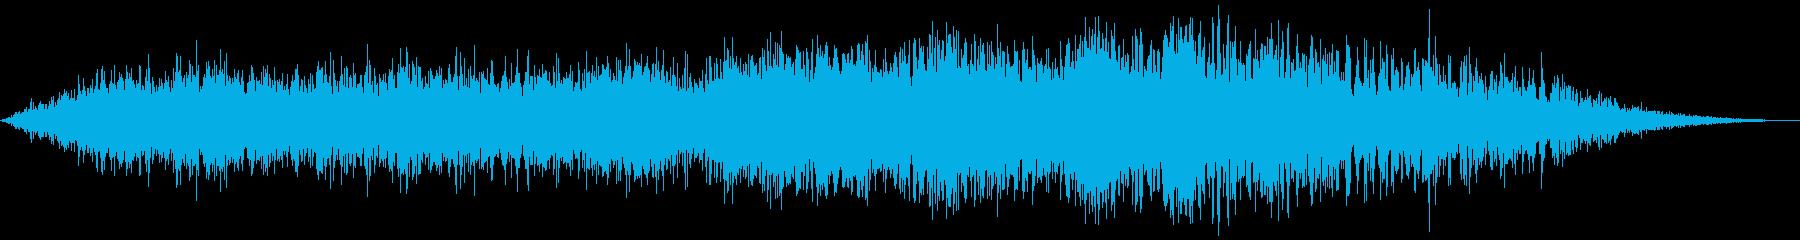 大型旅客機の離陸(滑走路の始まり)の再生済みの波形